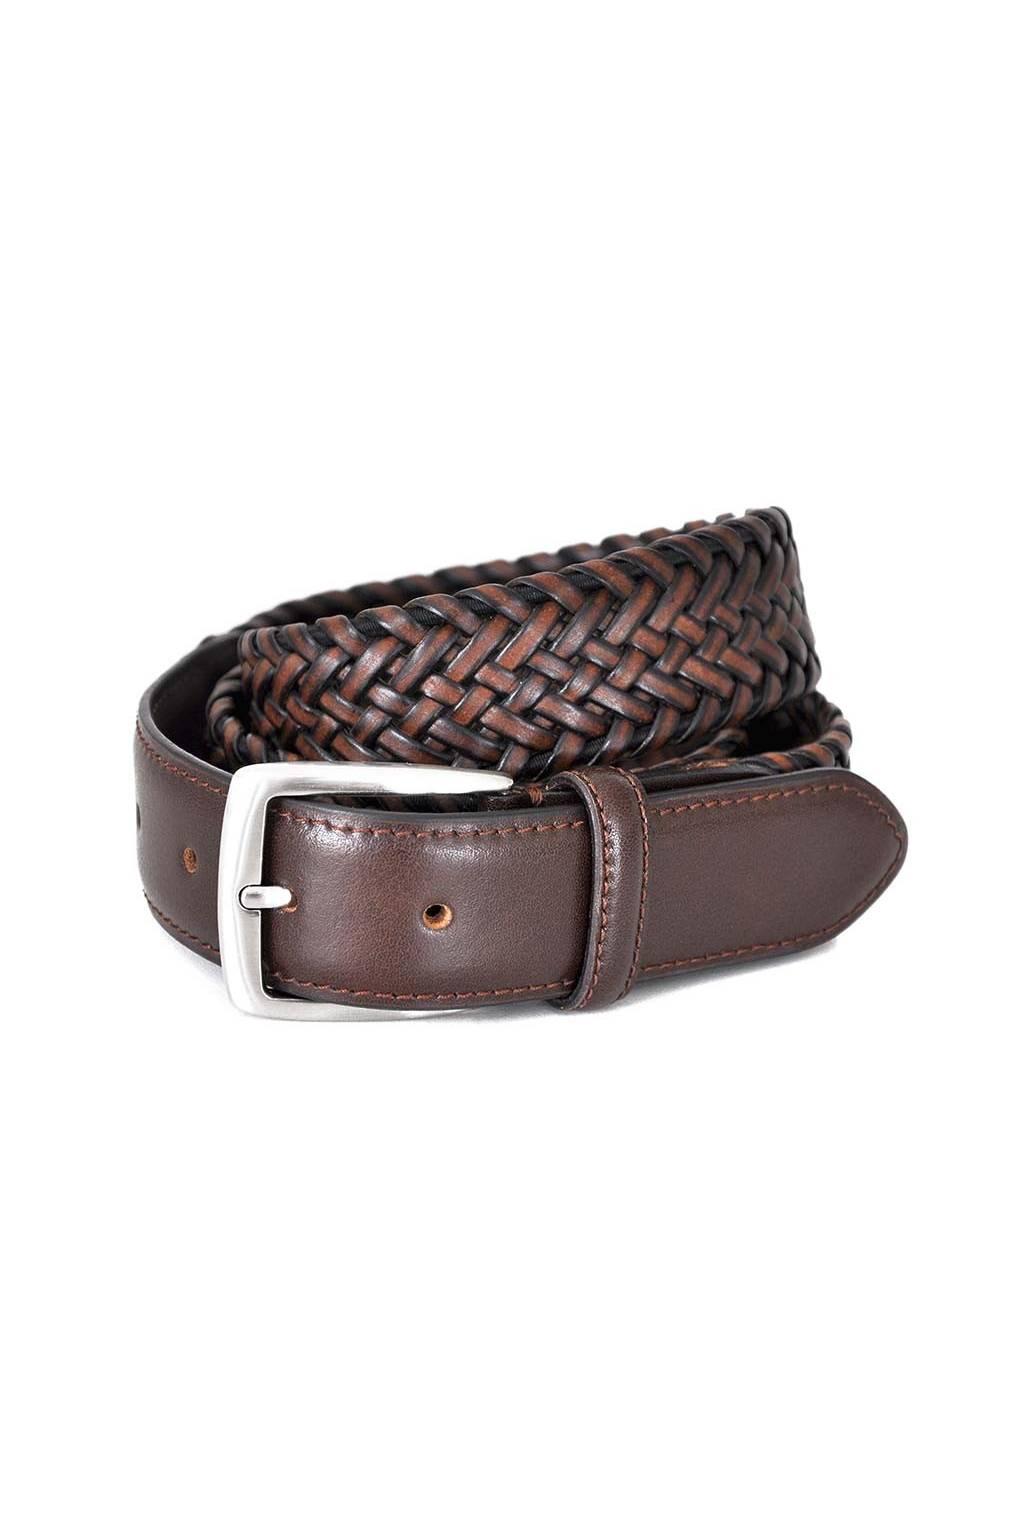 Cinturón trenzado cuero elástico